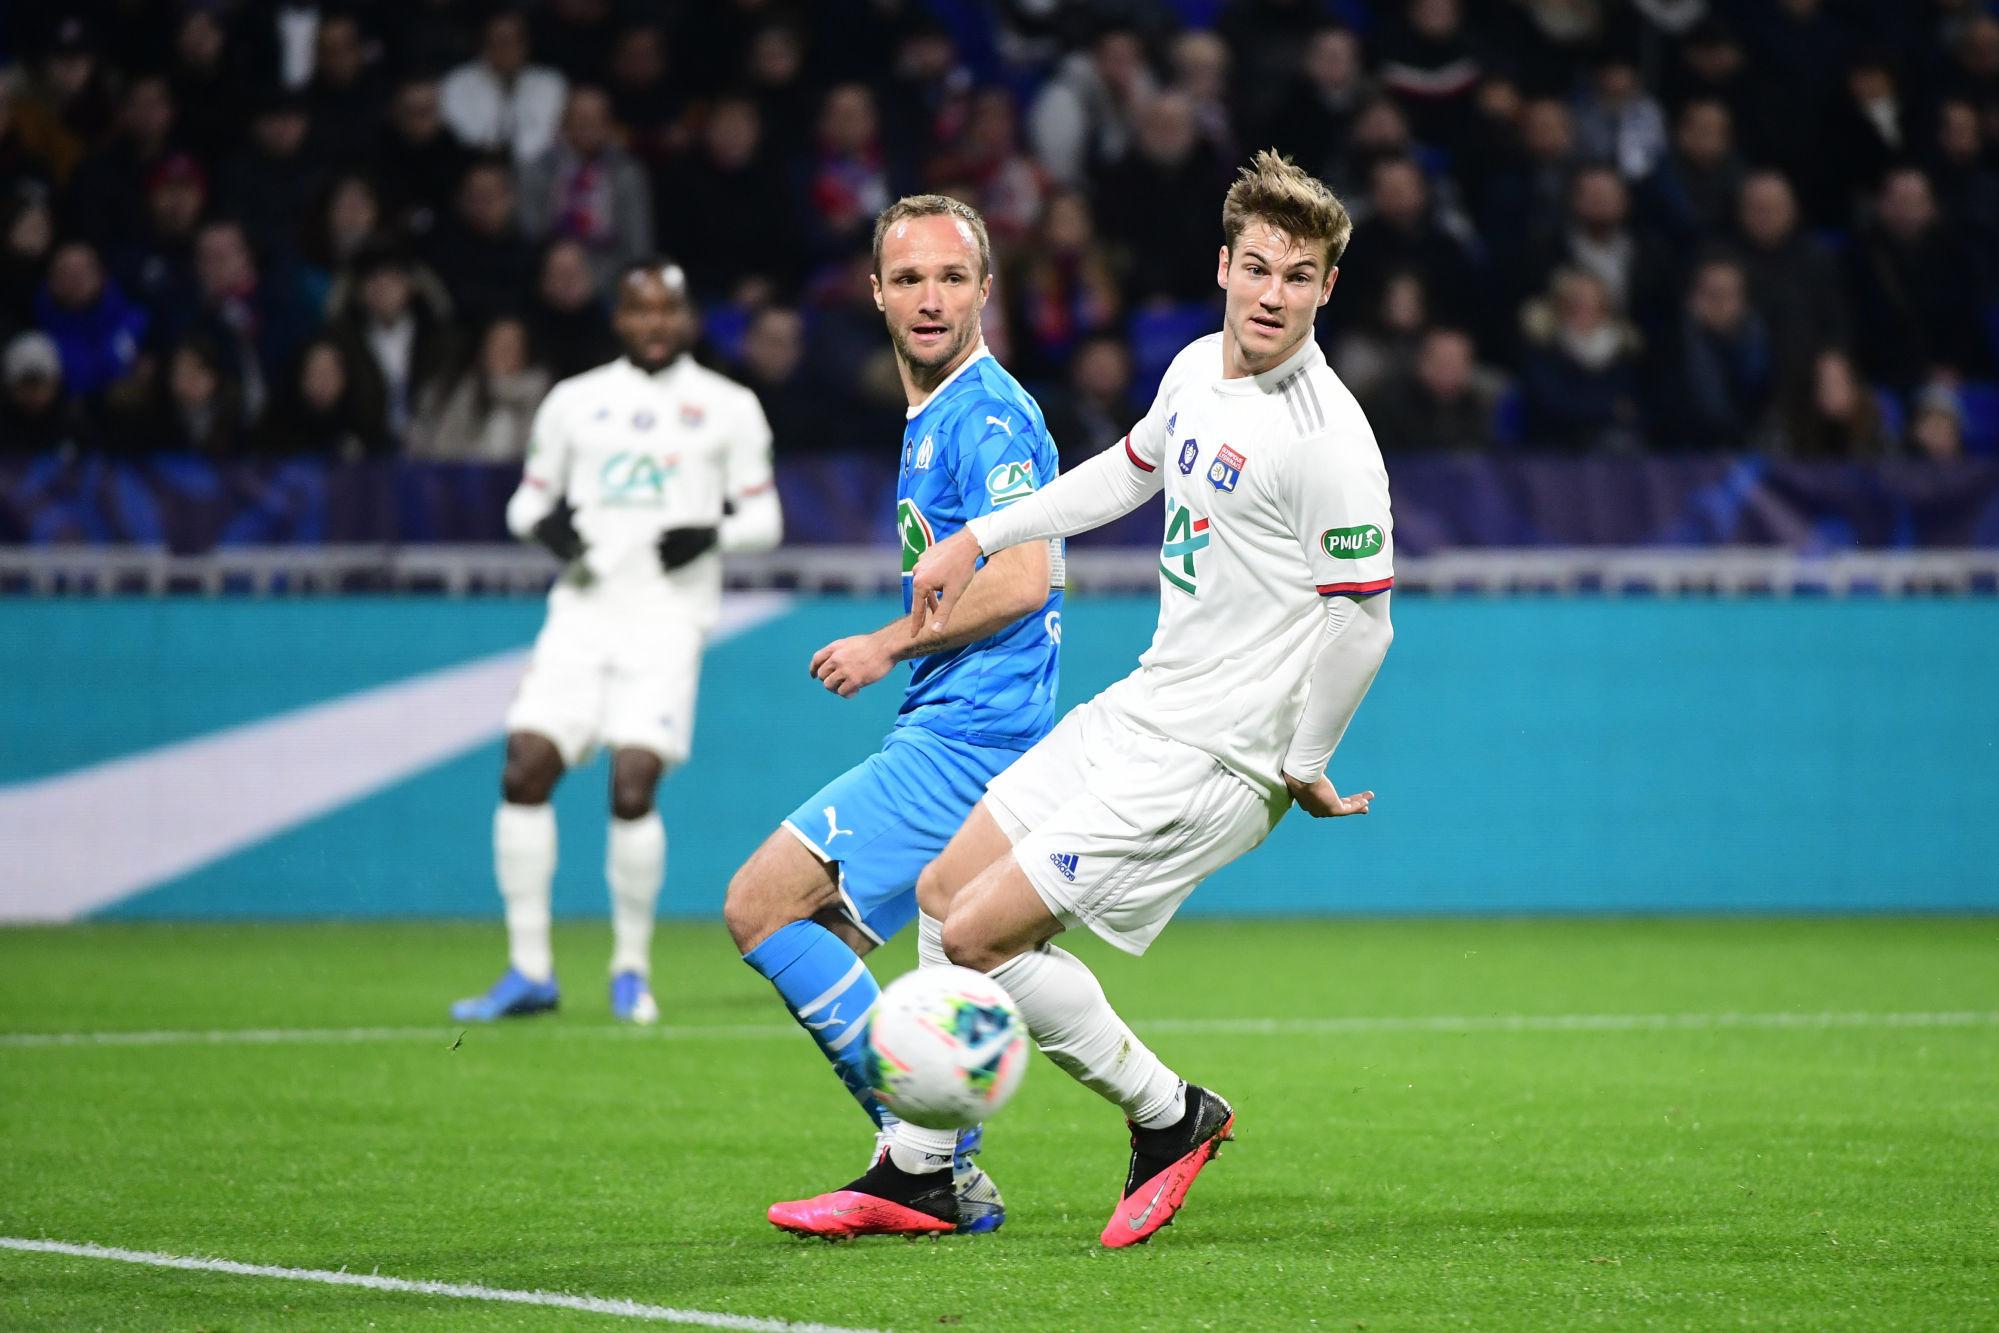 OL/OM (1-0) - Rothen félicite le milieu de terrain et dézingue l'attaquant